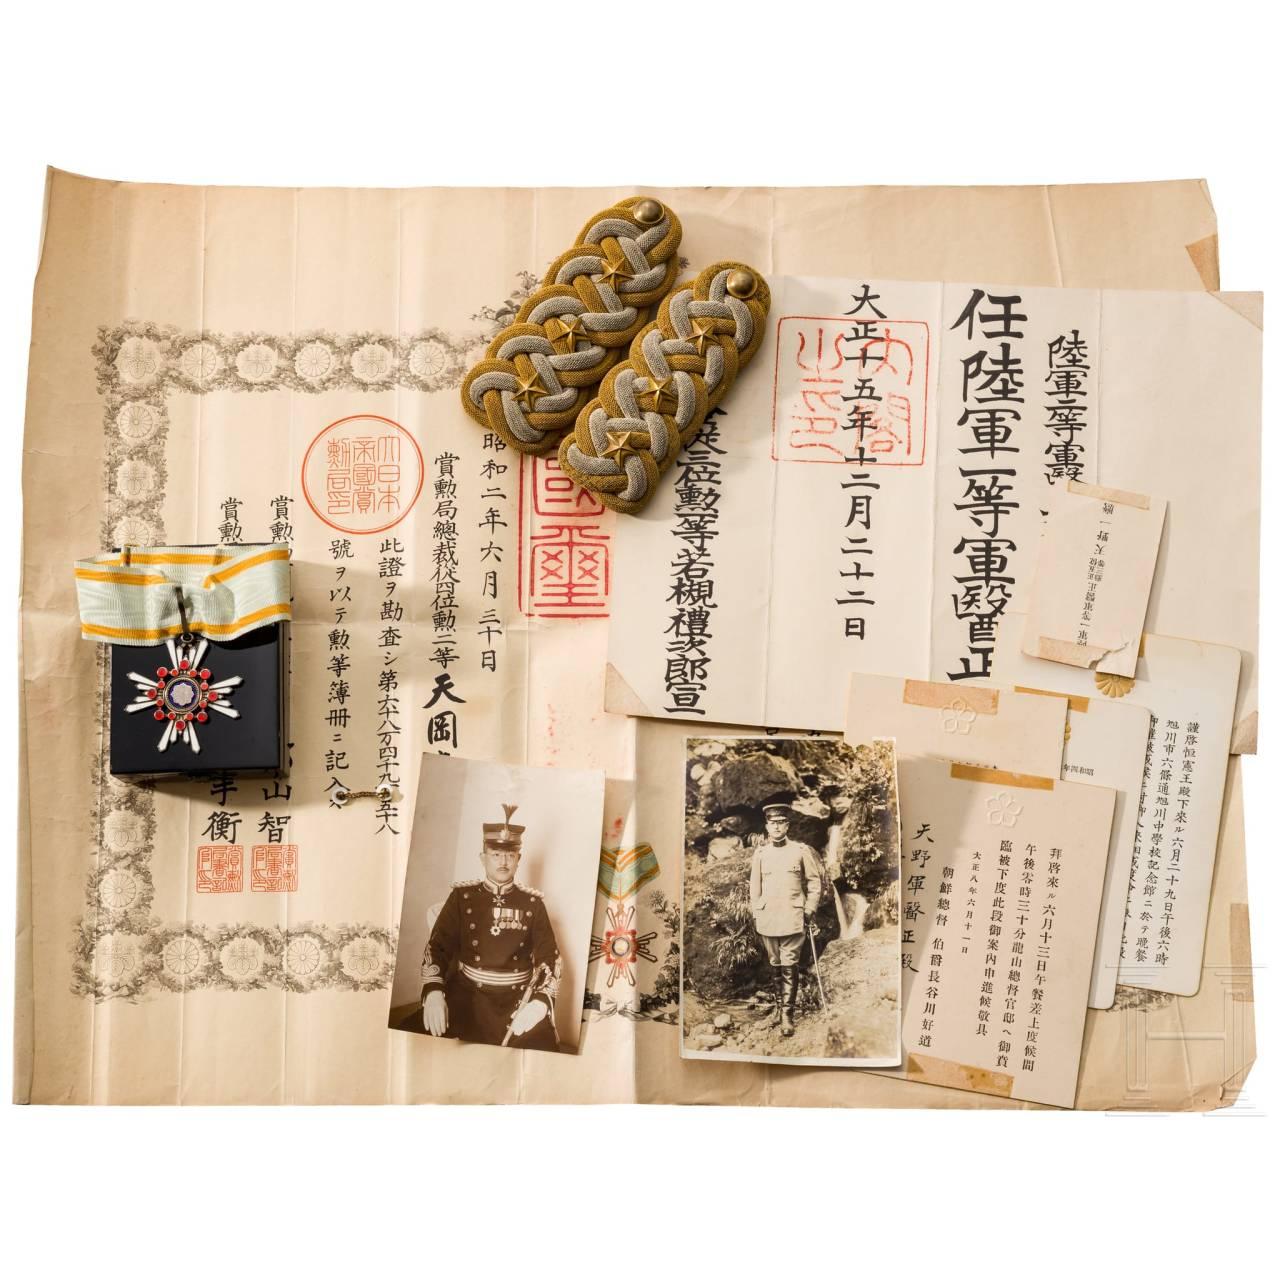 Nachlass eines Sanitätshauptmannes aus dem 2. Weltkrieg